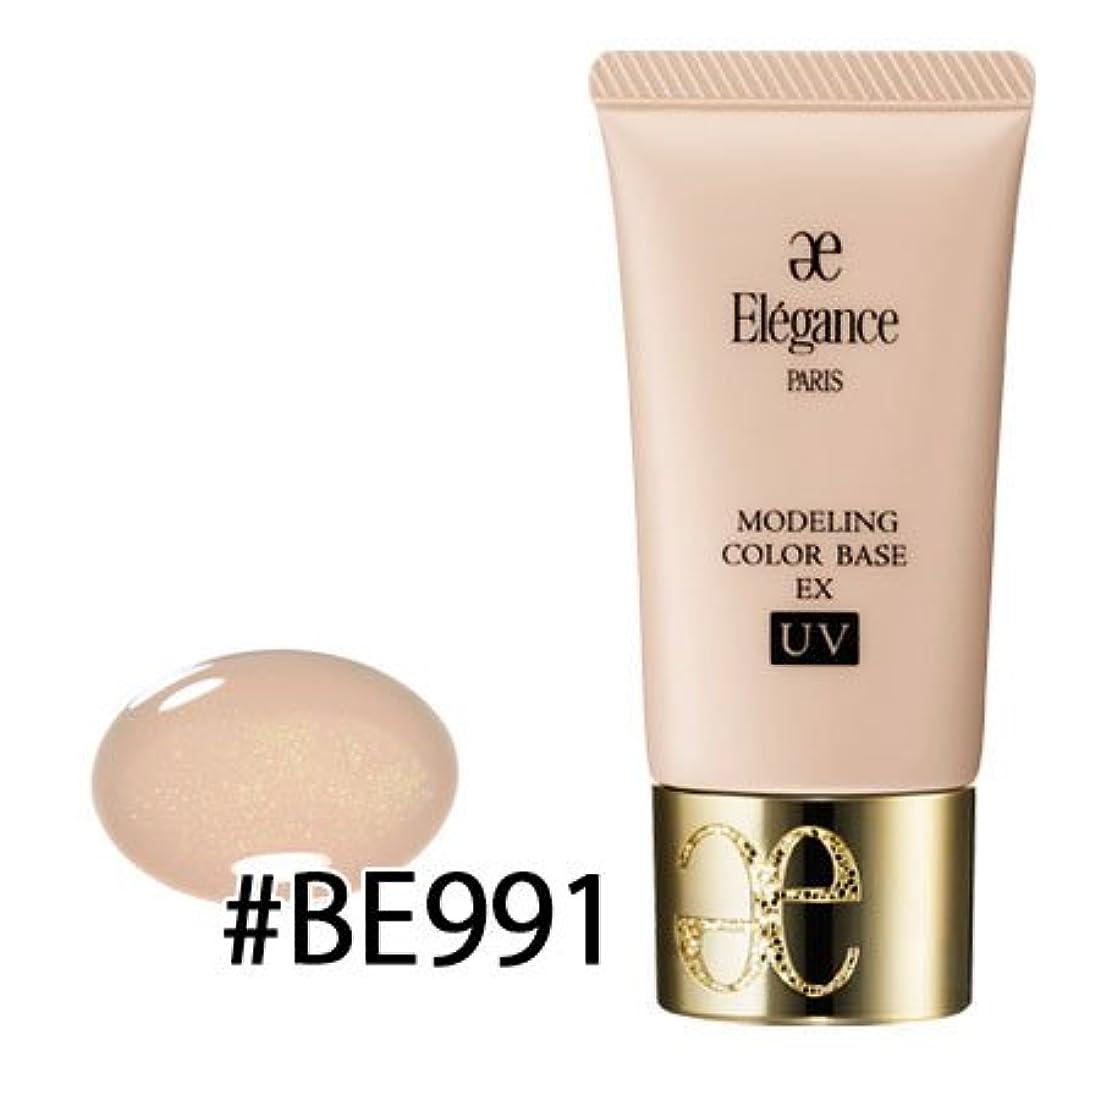 洞察力のあるアクセスそれにもかかわらずエレガンス モデリング カラーベース EX UV #BE991